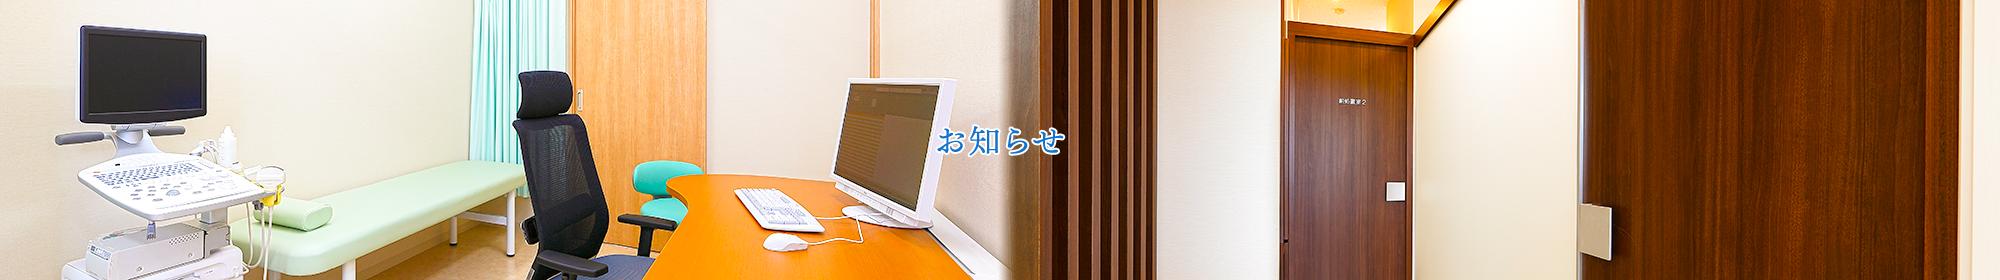 お知らせ | 大阪府河内長野市の内科・消化器内科「かたせ内科クリニック」